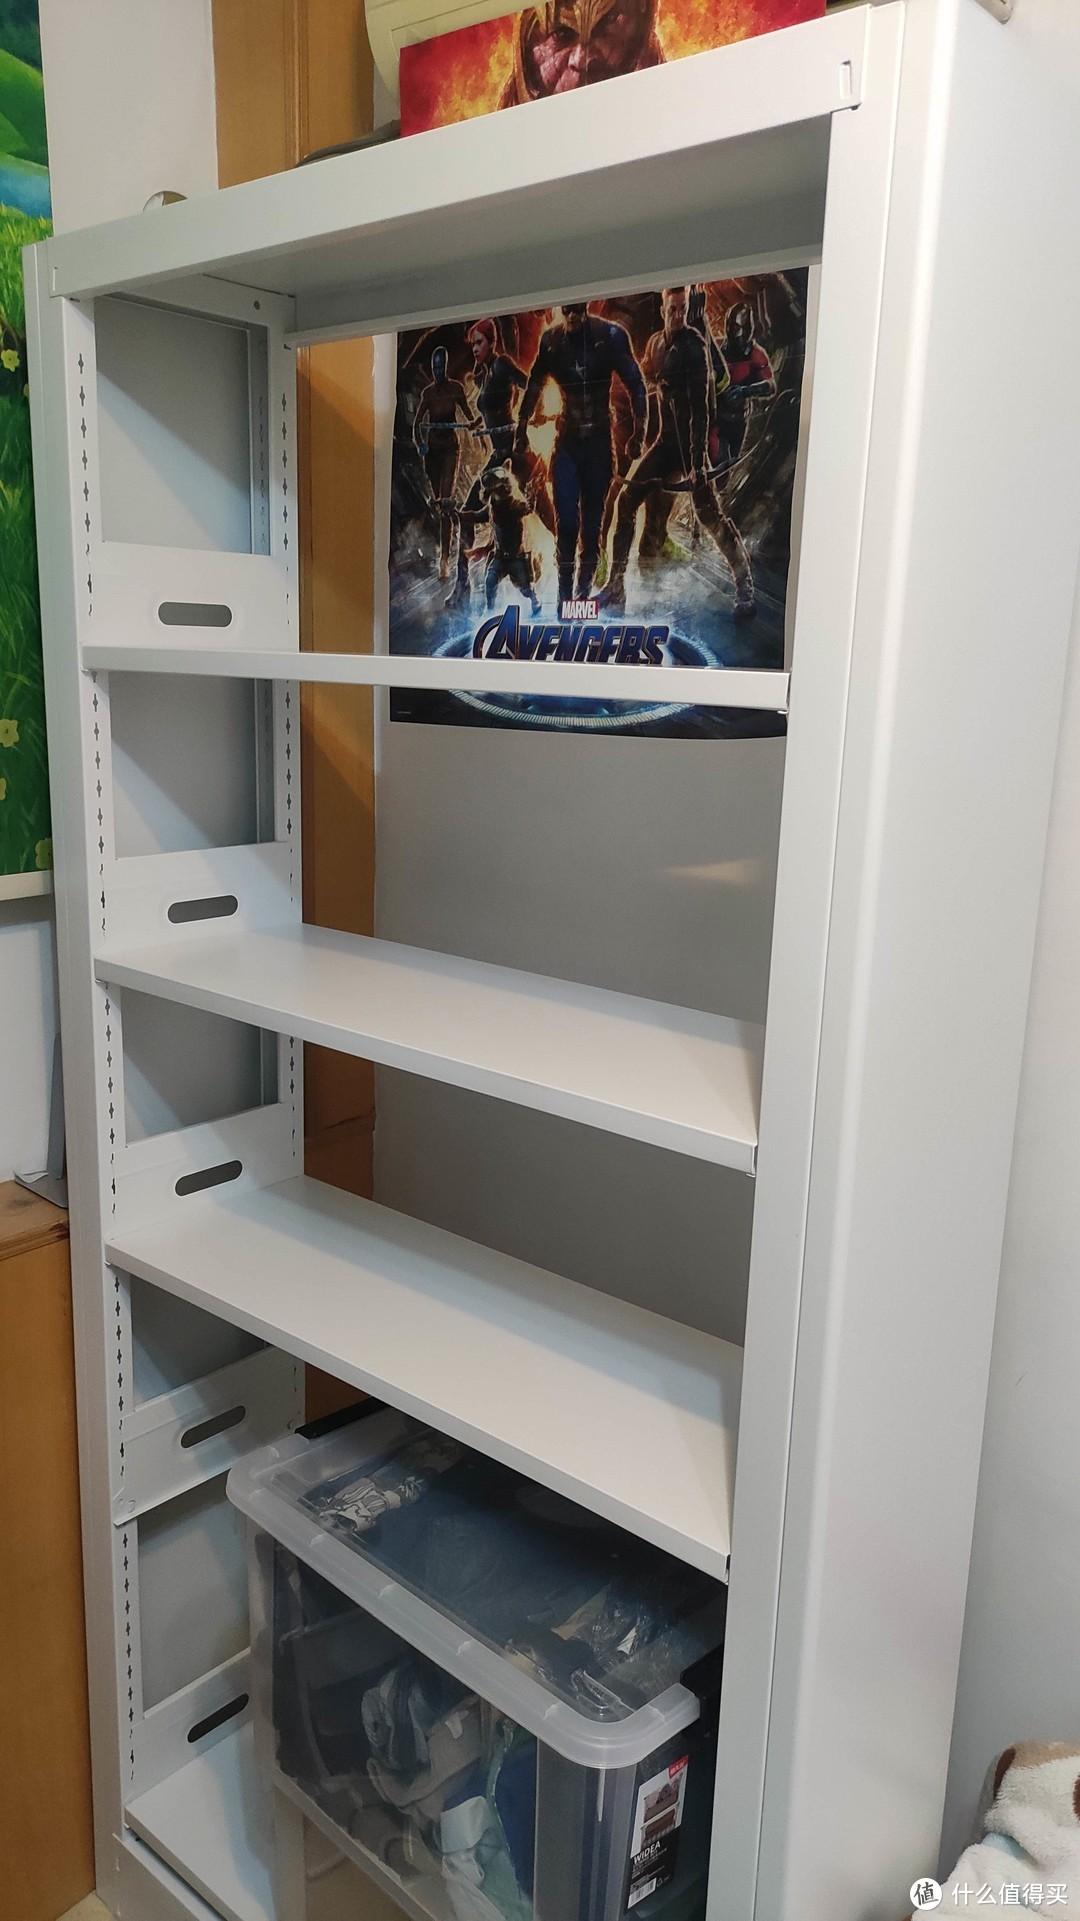 320元0甲醛2m超值实用书架晒单 图书馆书架测评